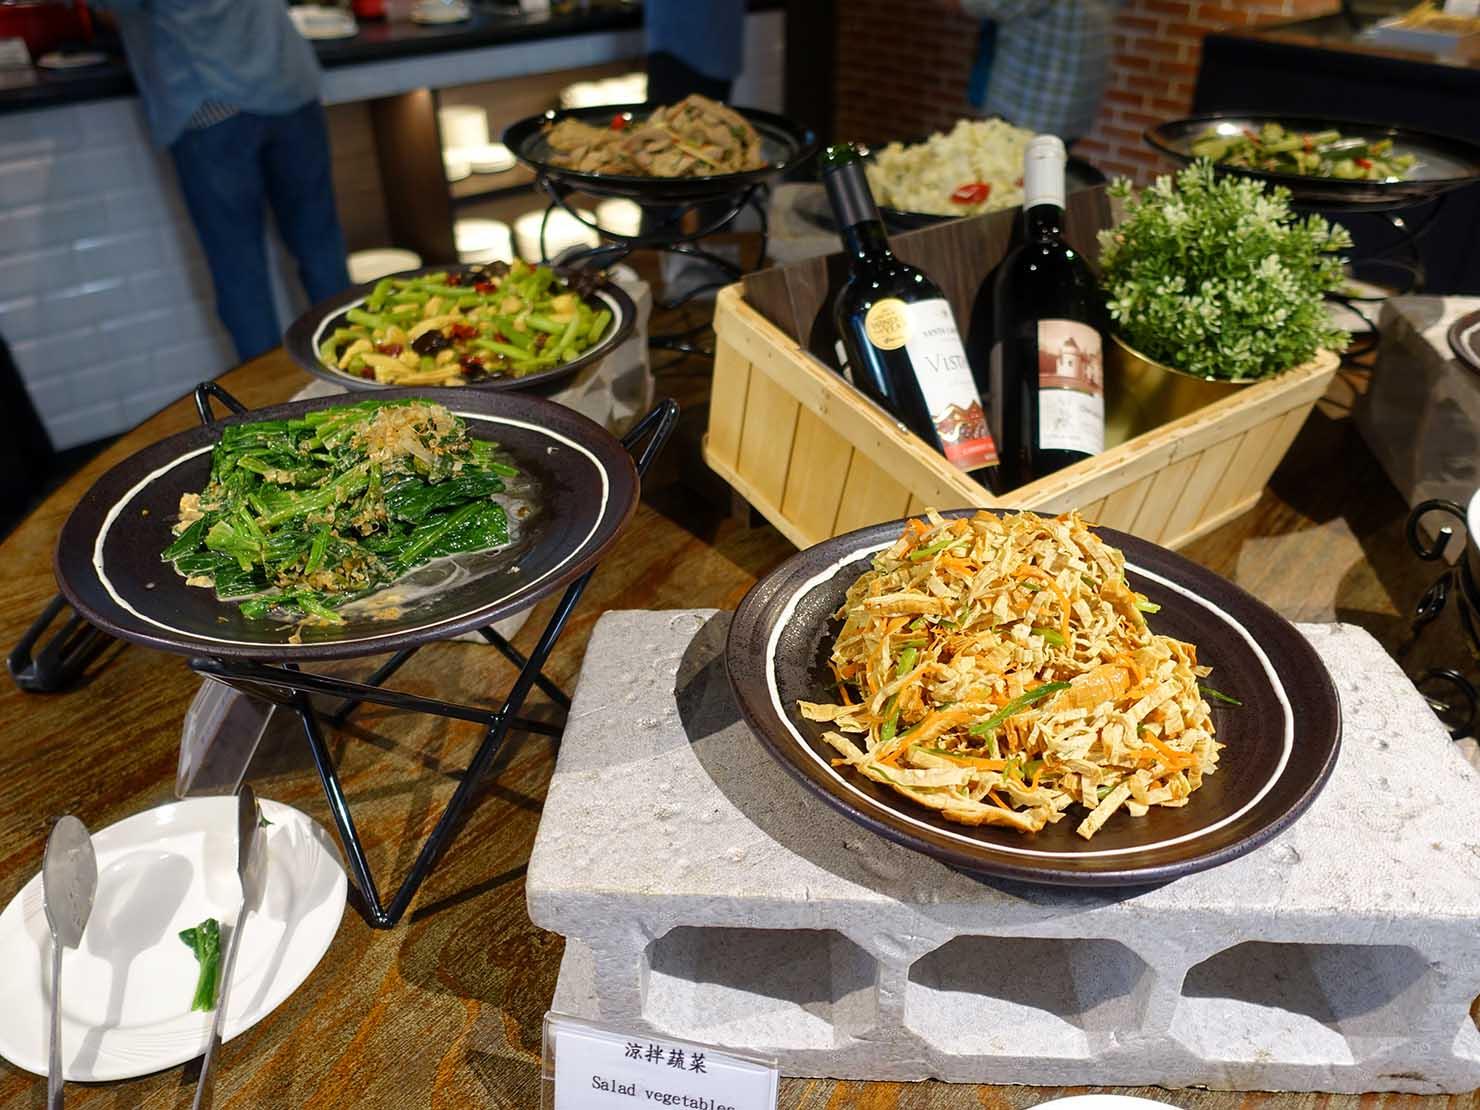 高雄市内観光におすすめのホテル「GREET INN 喜迎旅店」朝食ビュッフェの料理